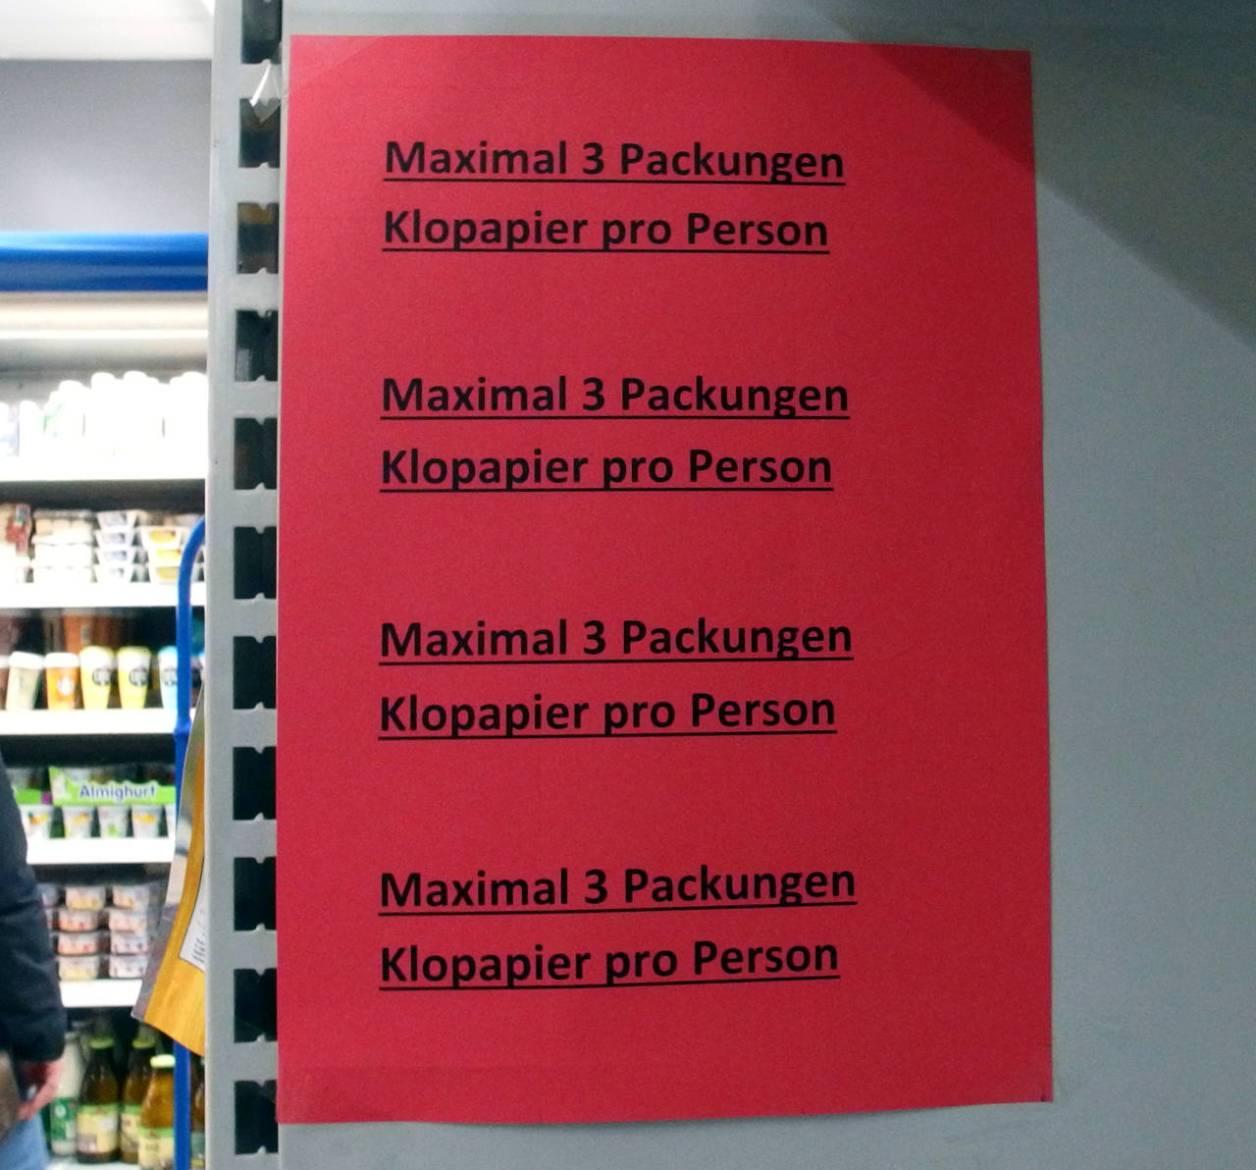 トイレットペーパー売り場の注意書き:「お1人様3パックまで」 © Matsuda Masahiro